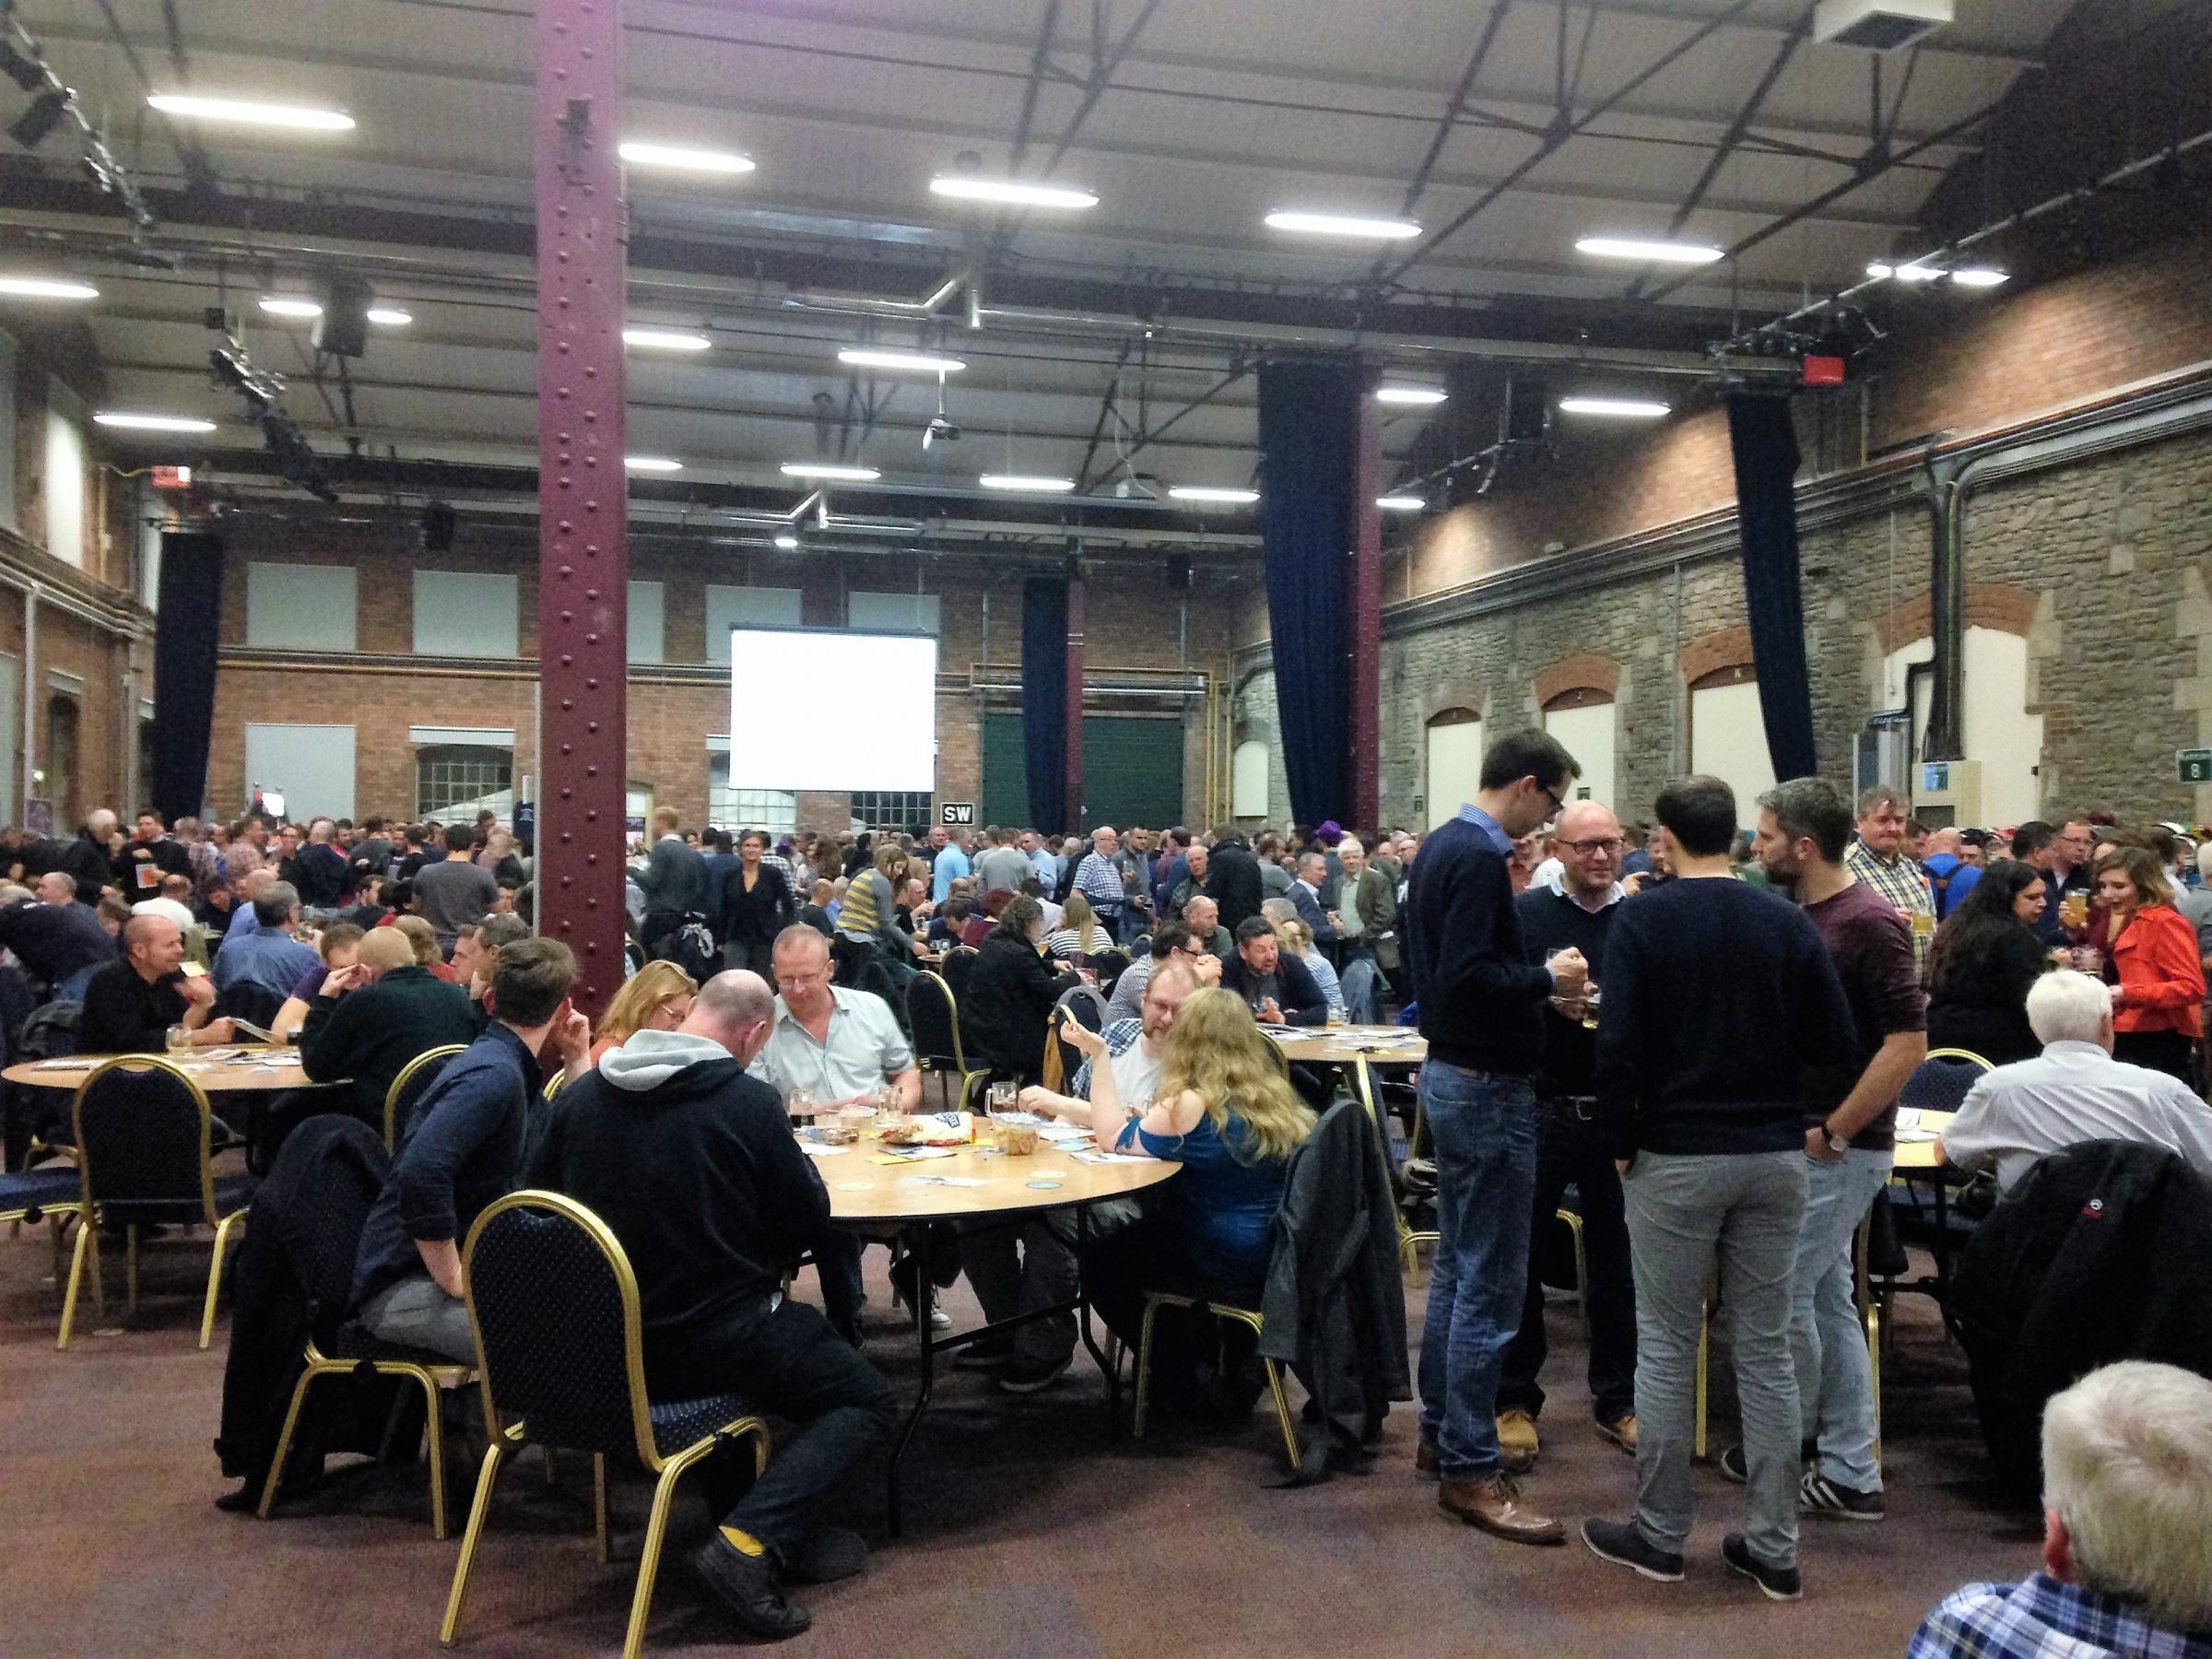 Swindon Beer Festival returns to Steam museum